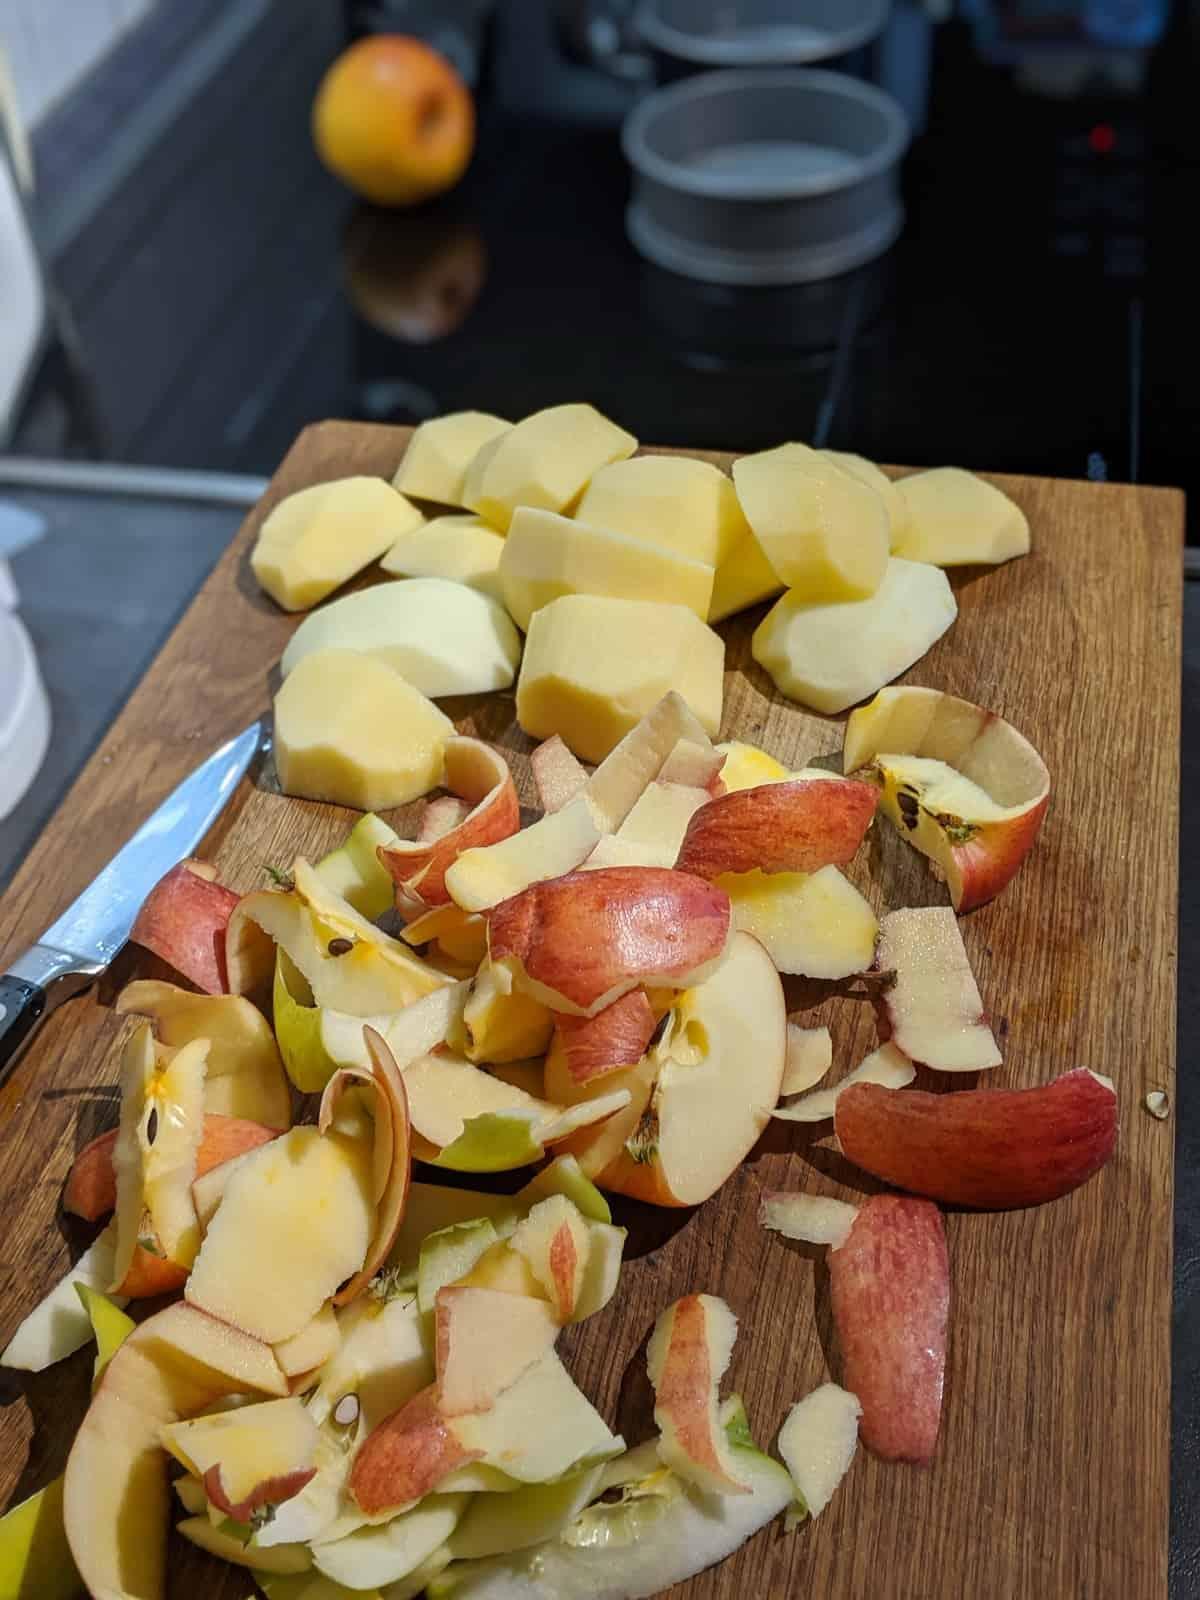 Geschälte Äpfel und Apfelschalen auf einem Scheidebrett.